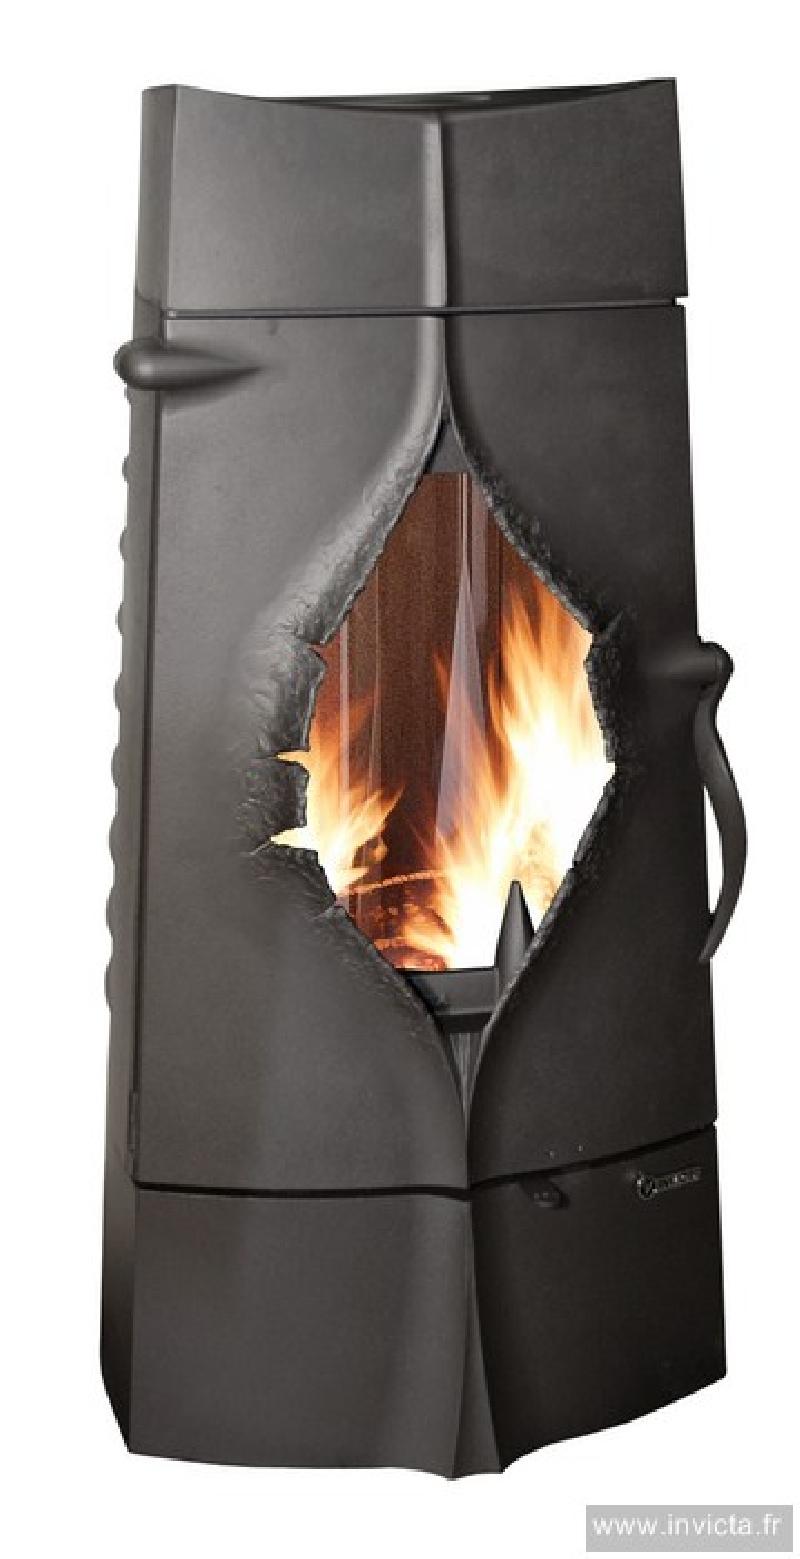 poele a bois invicta ove trouvez le meilleur prix sur voir avant d 39 acheter. Black Bedroom Furniture Sets. Home Design Ideas